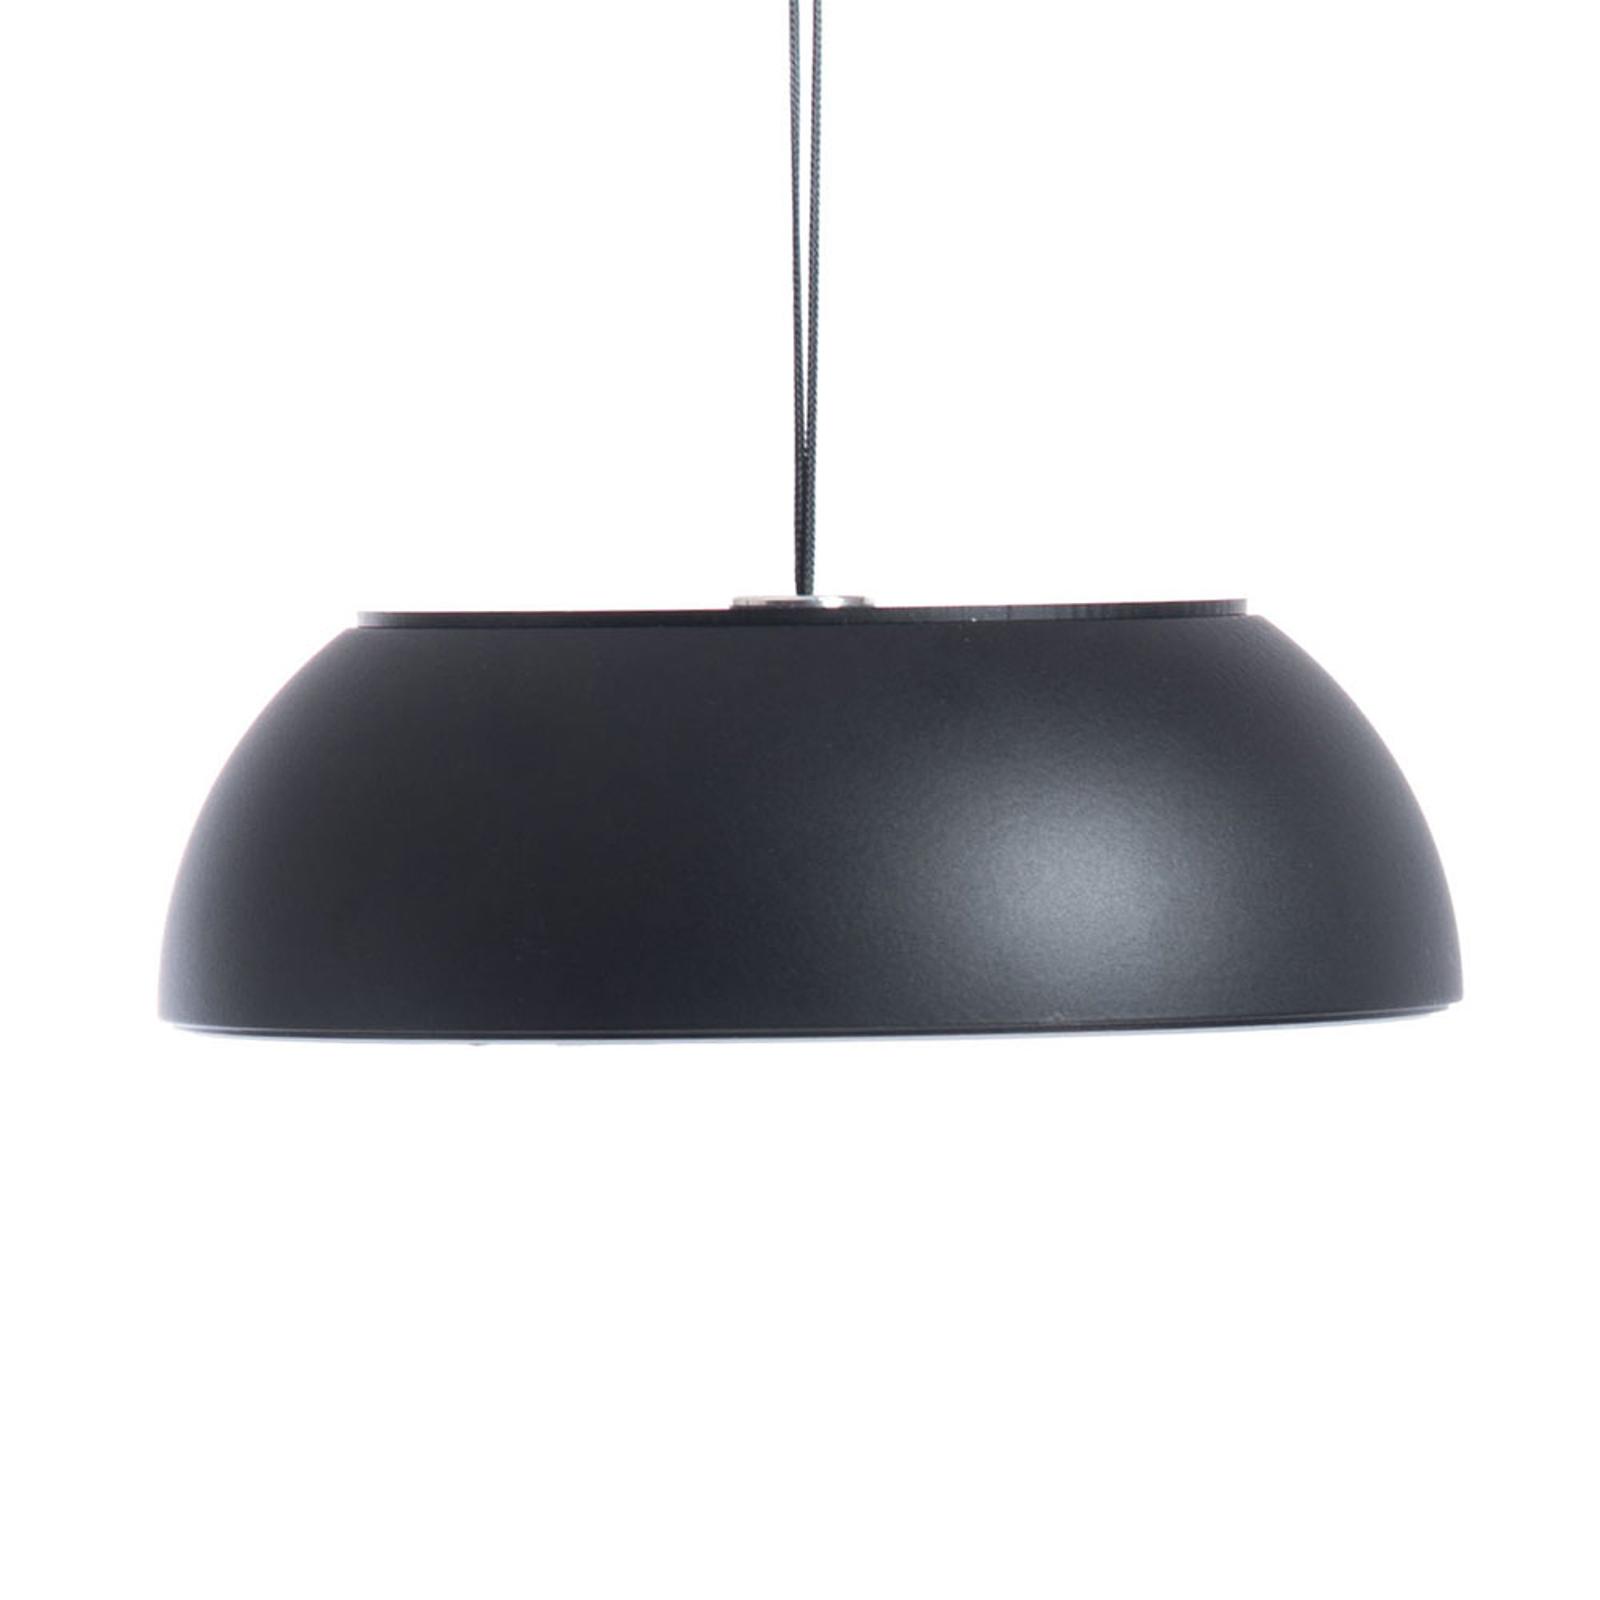 Axolight Float LED-riippuvalaisin, musta